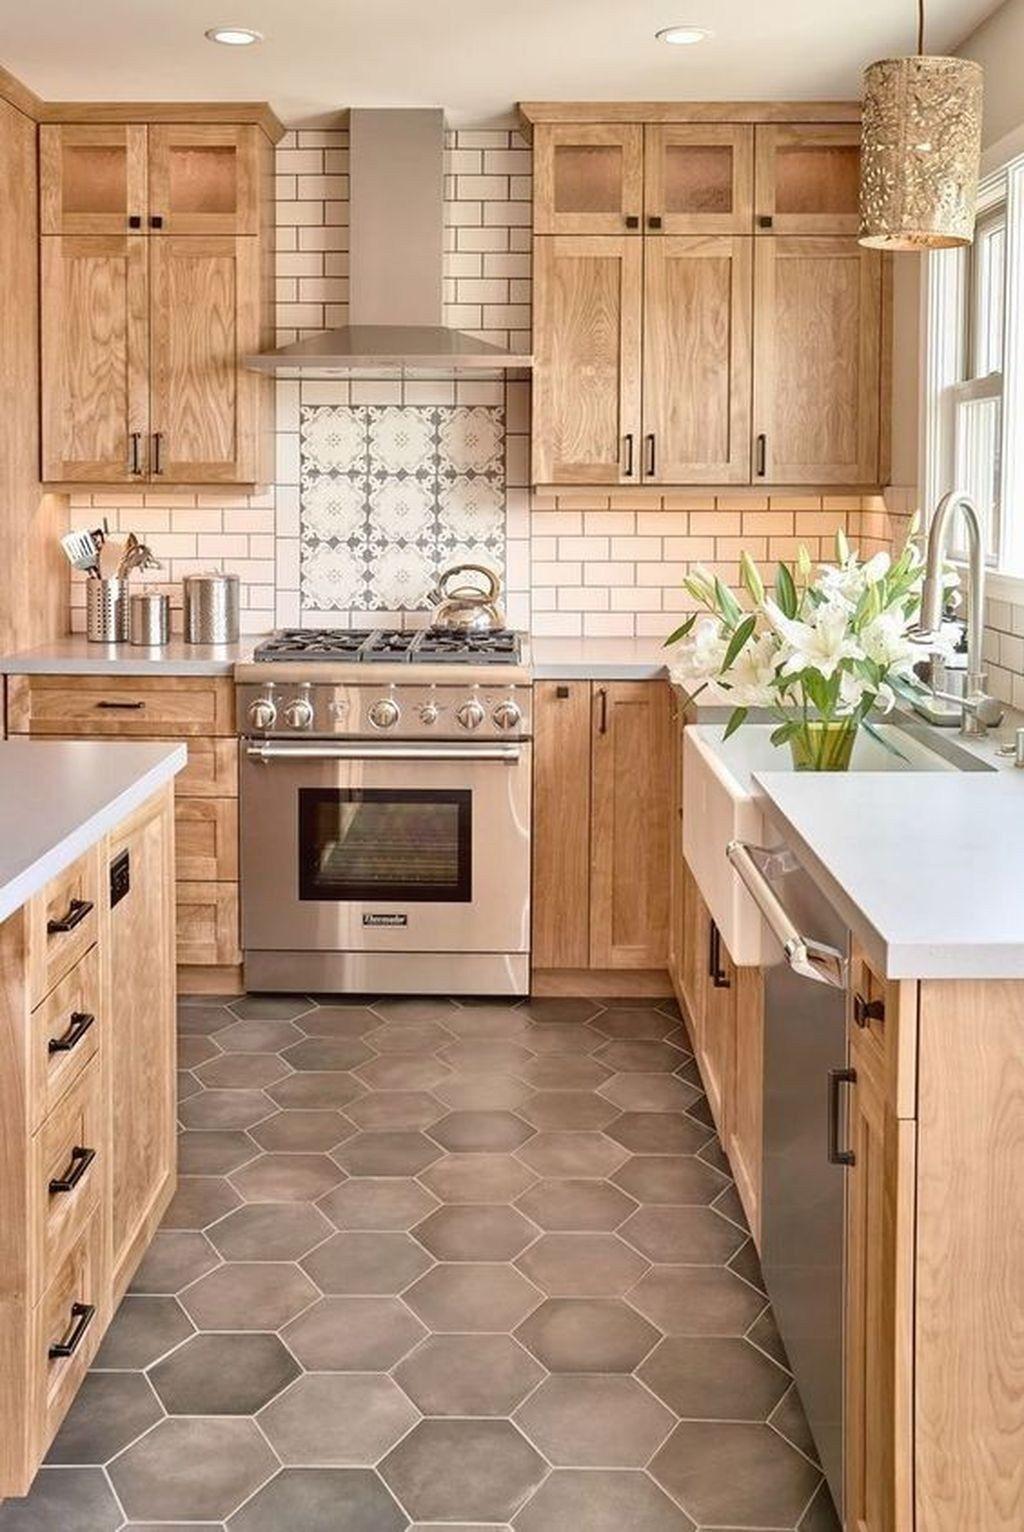 20+ Totally Inspiring Kitchen Design Ideas | Kitchen Design | Pinterest